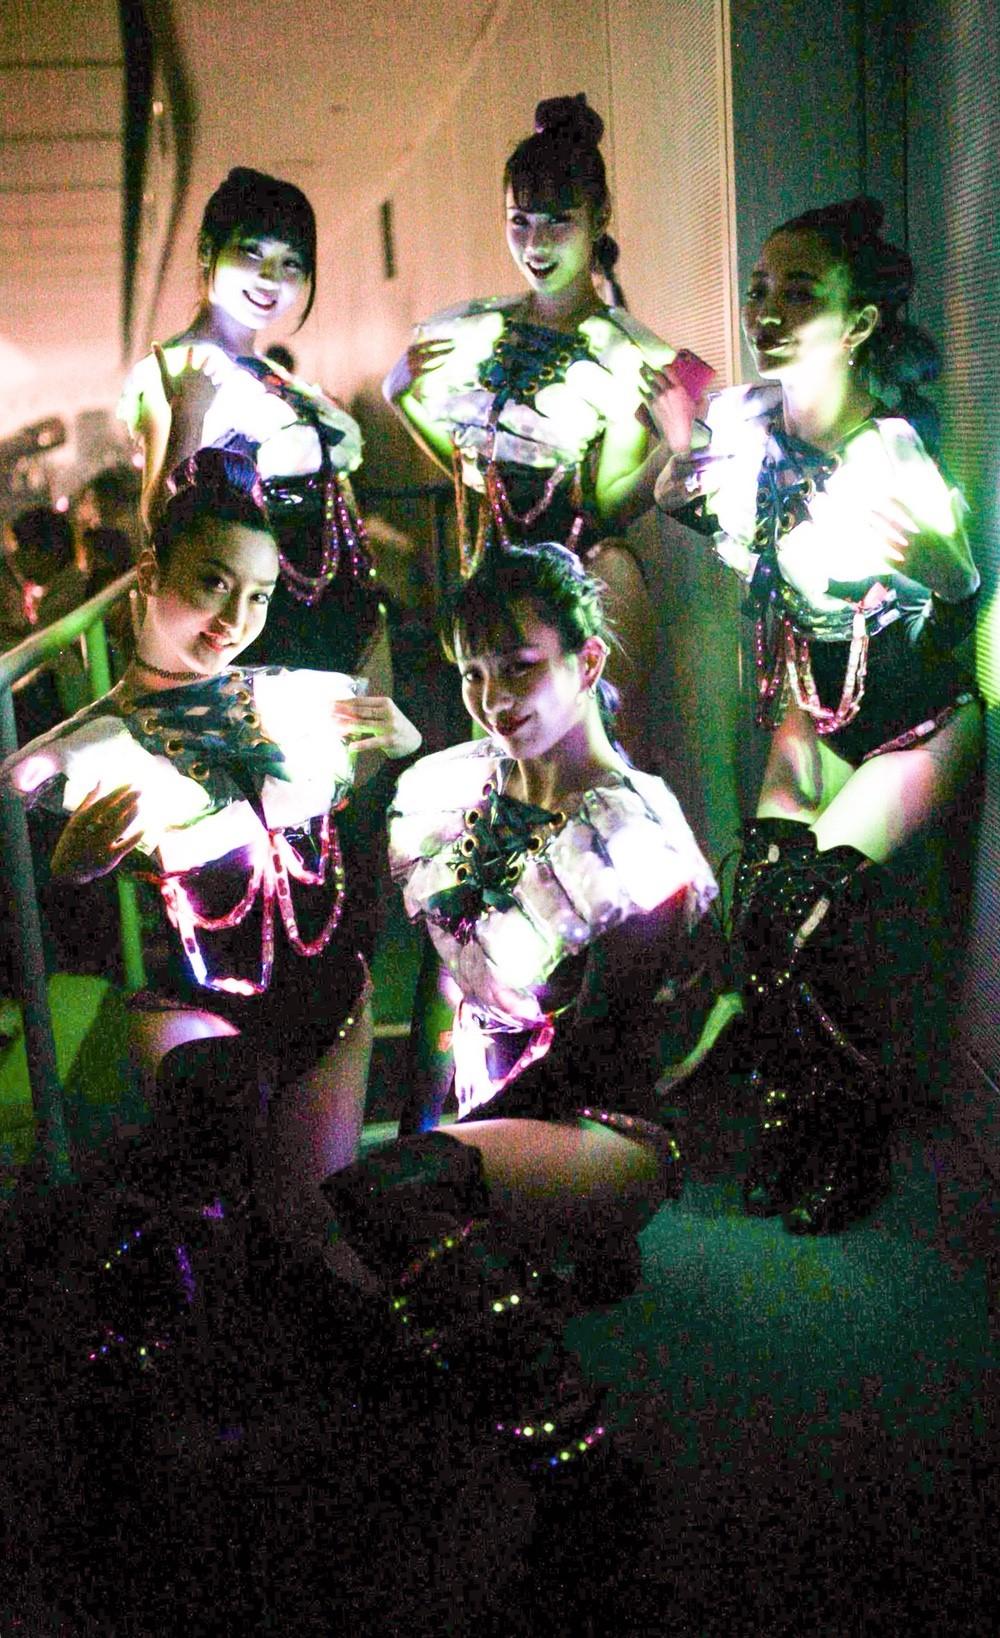 Neon dancers0331_180402_0039